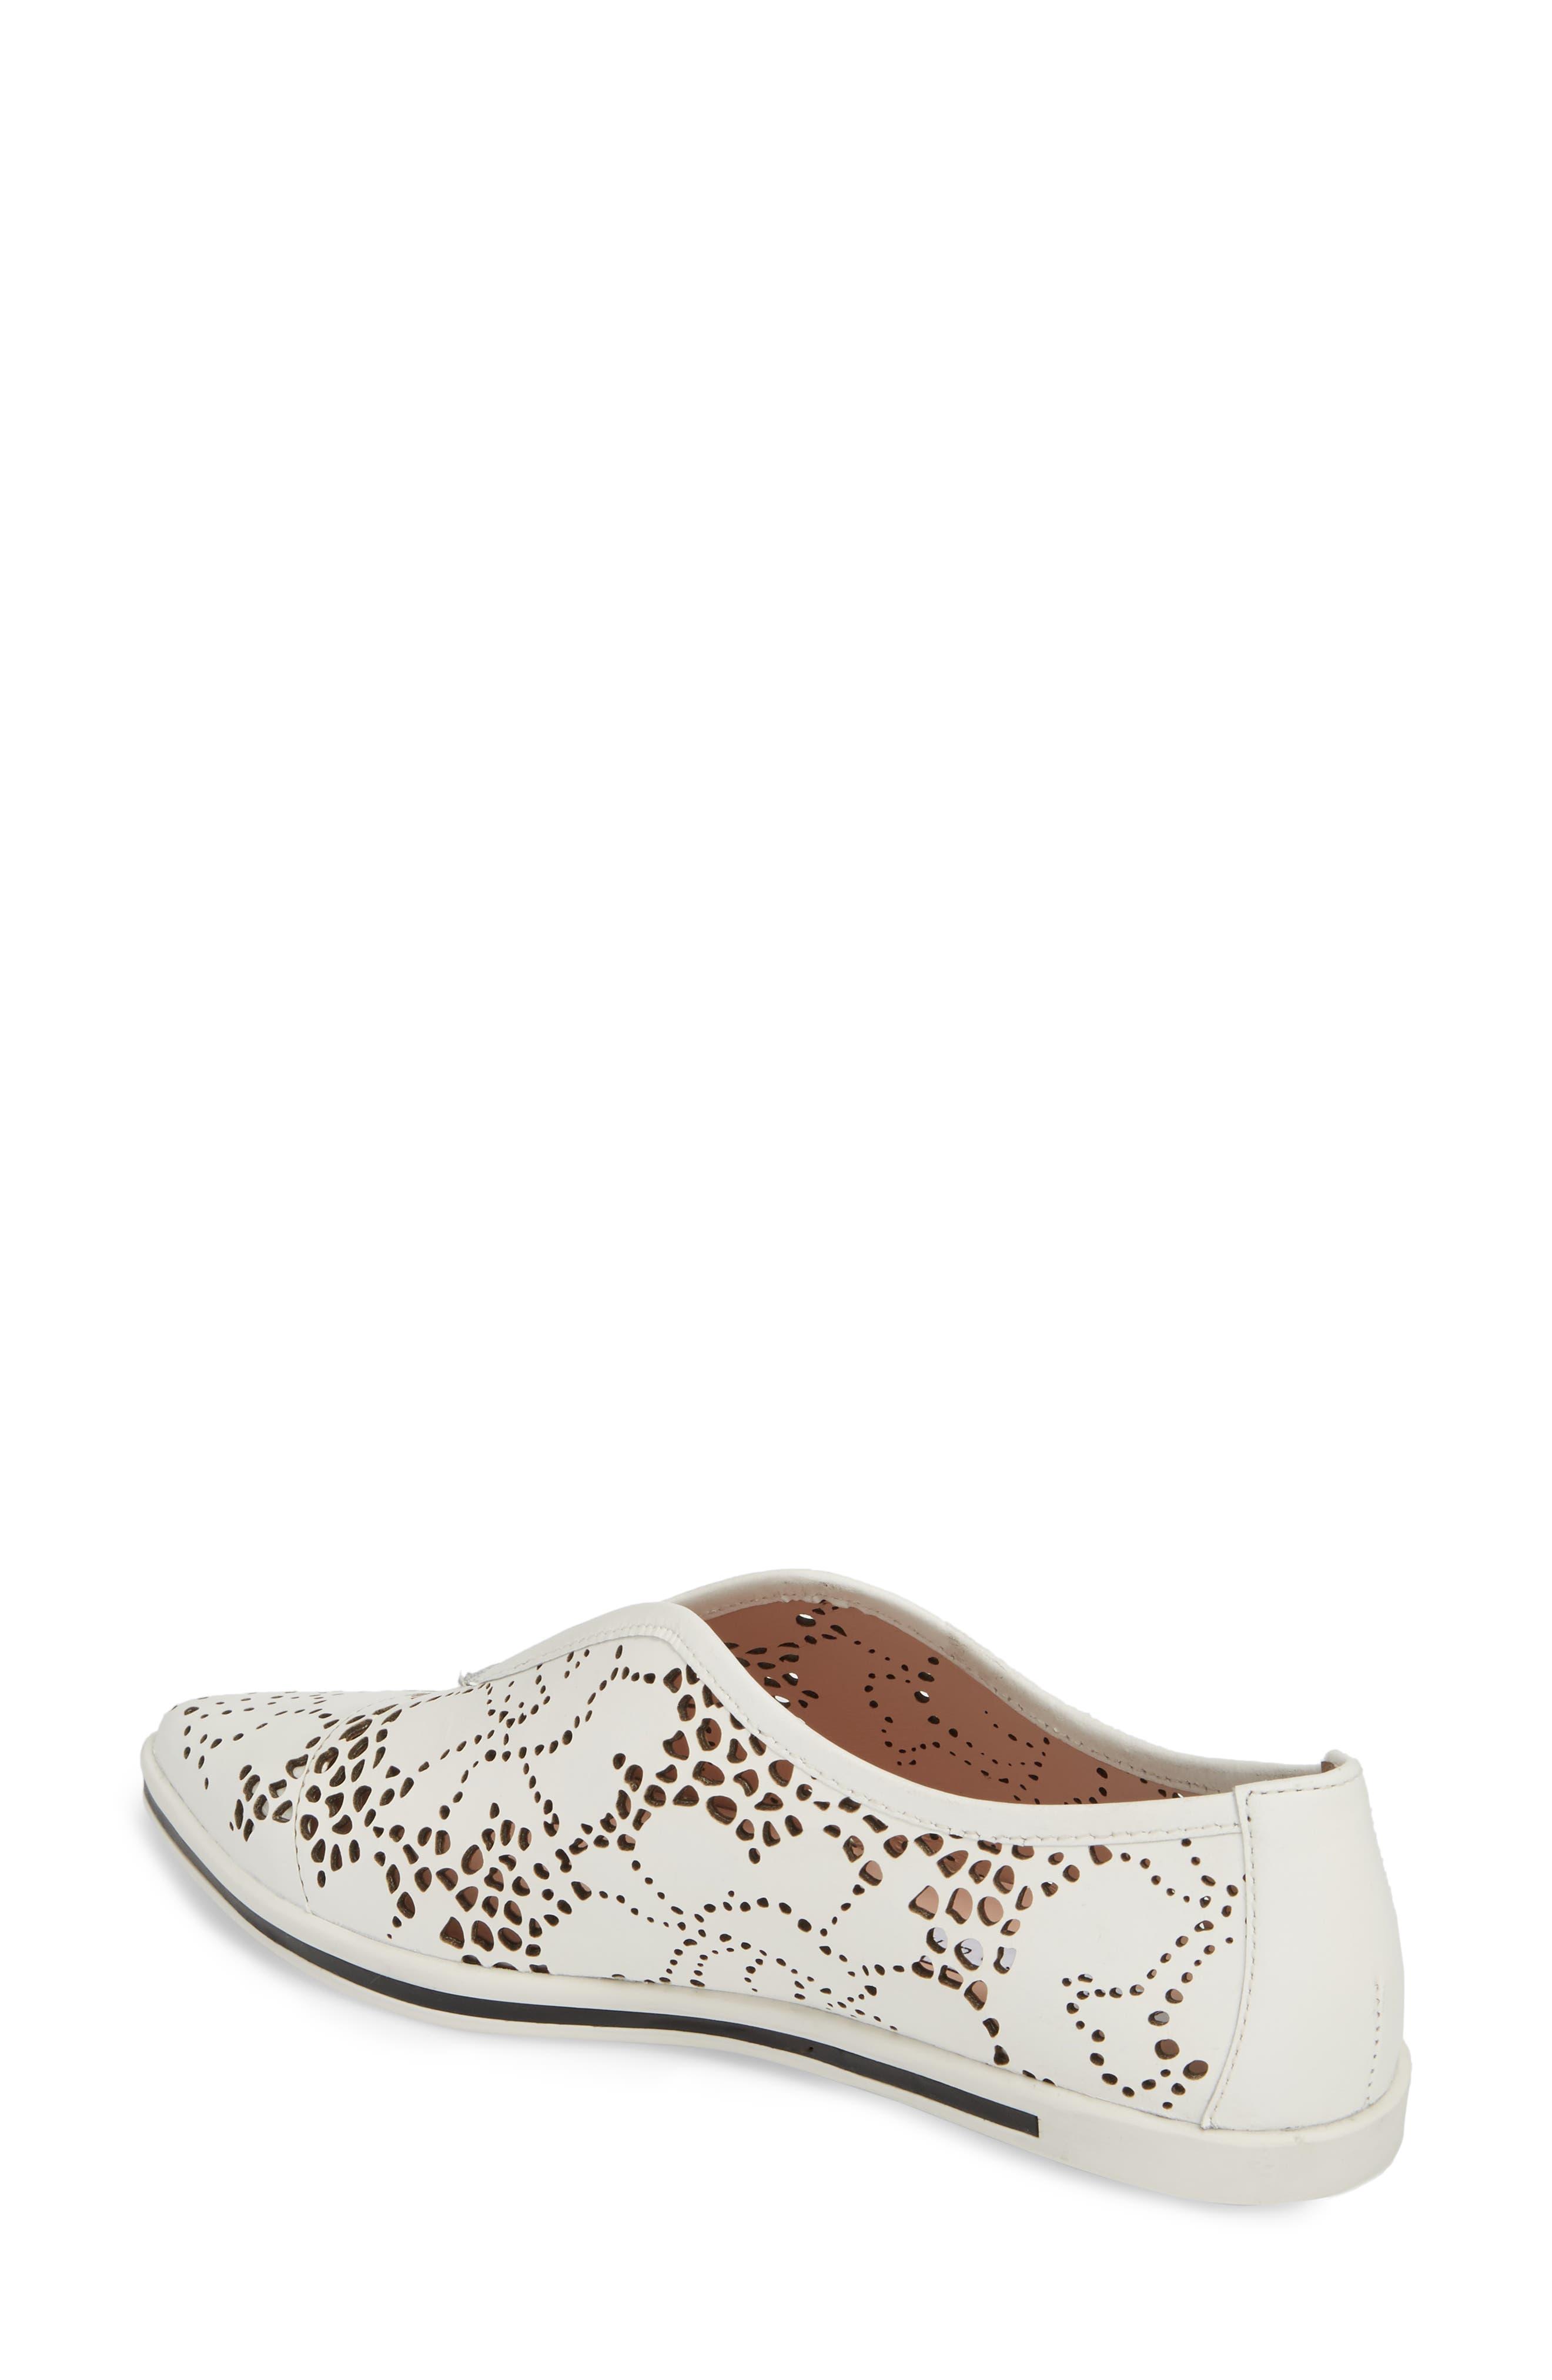 Tisha II Slip-On Sneaker,                             Alternate thumbnail 2, color,                             White Leather